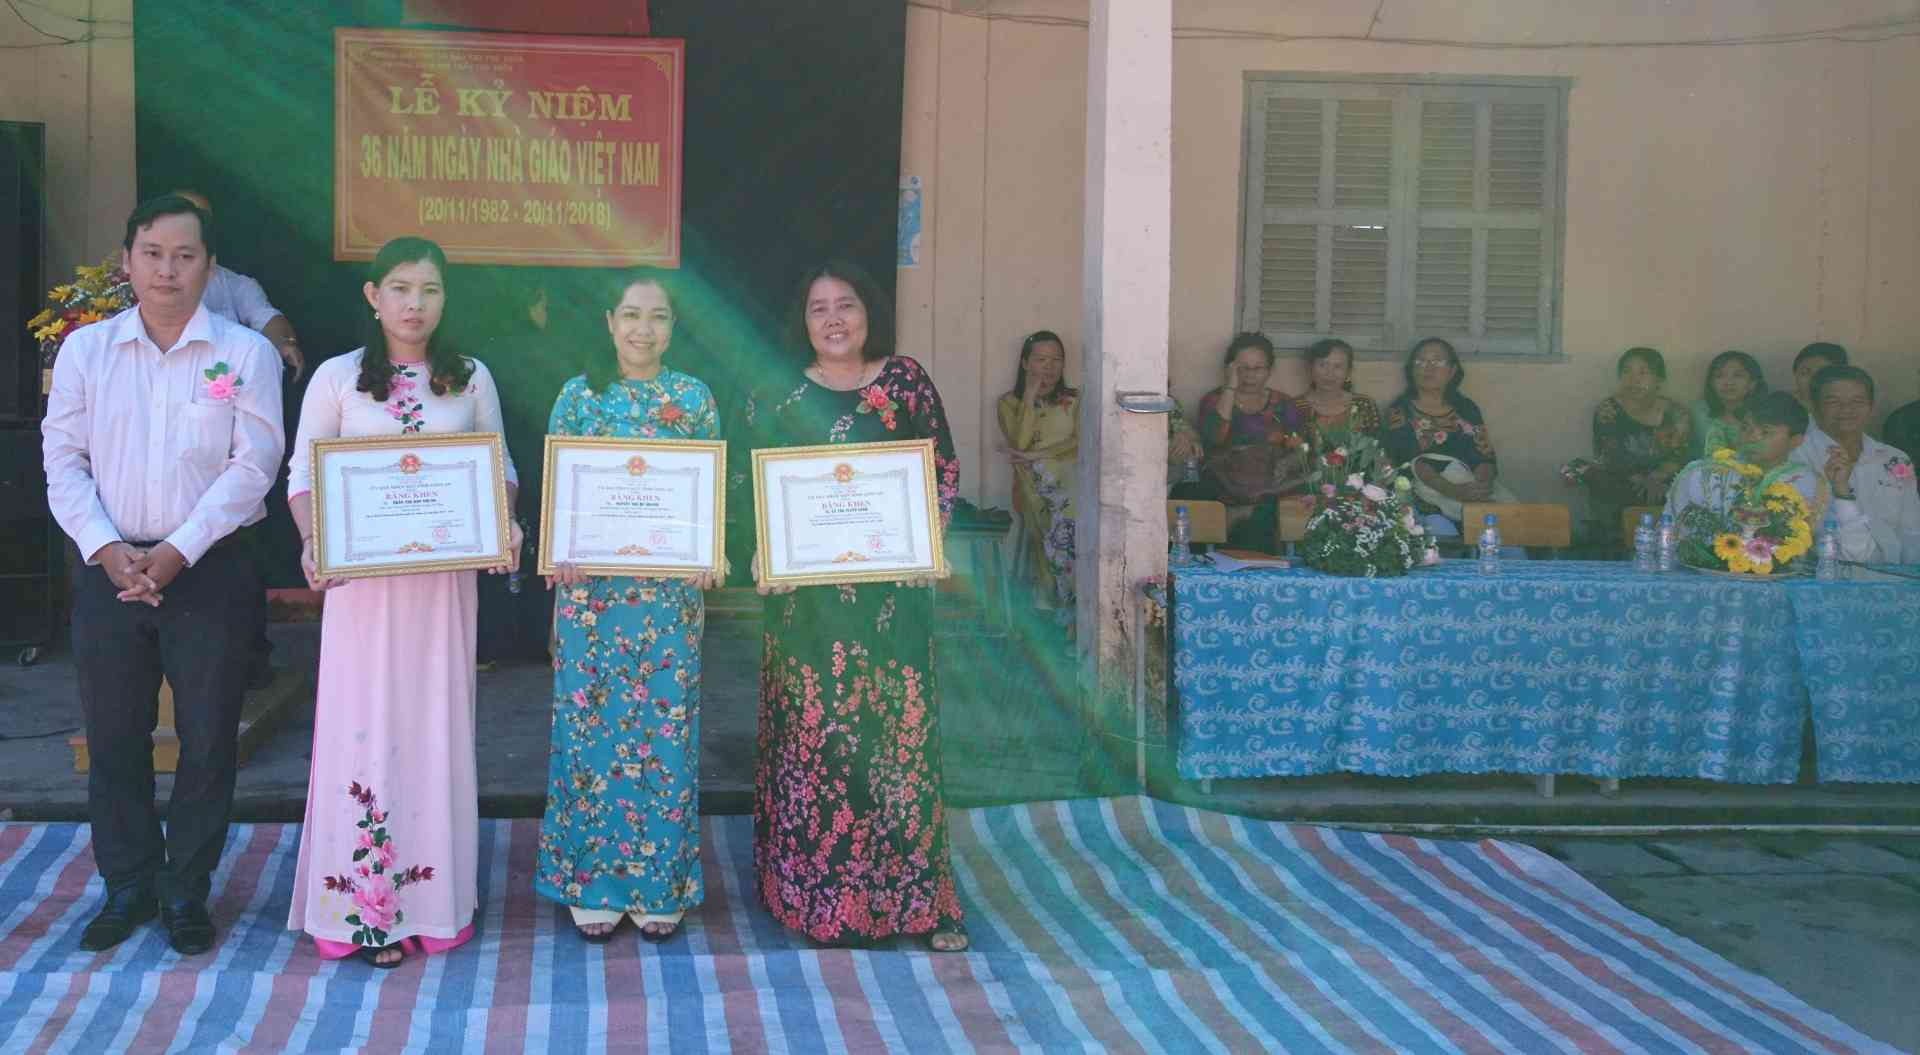 Các cá nhân được nhận bằng khen của UBND Tỉnh NH 2017-2018